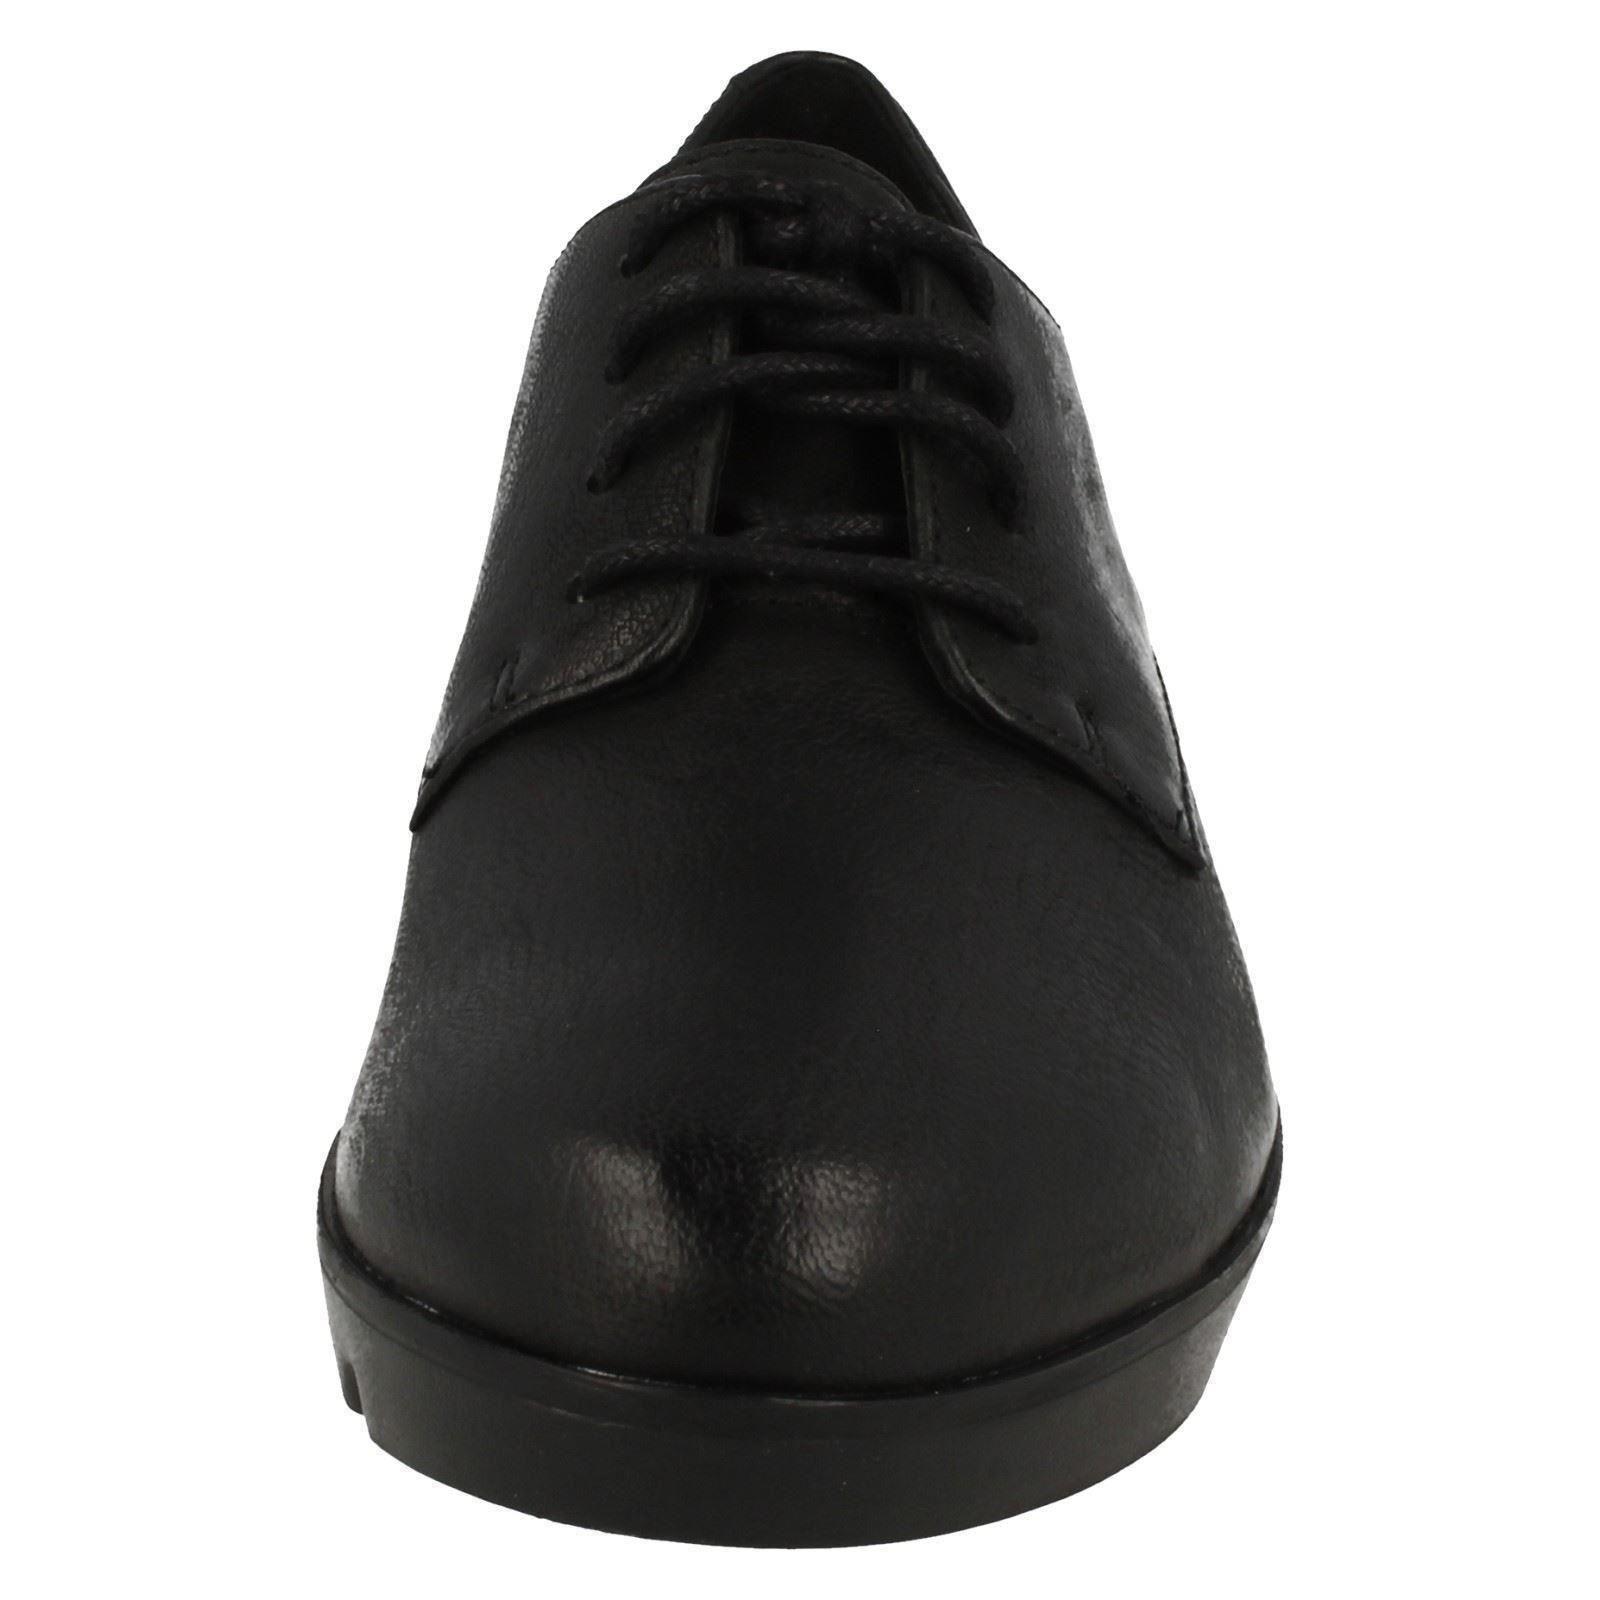 Clarks' Evie FIOCCO' lacci donna in pelle nera con lacci FIOCCO' 3CM ZEPPA CON TACCHI scarpe 52984d